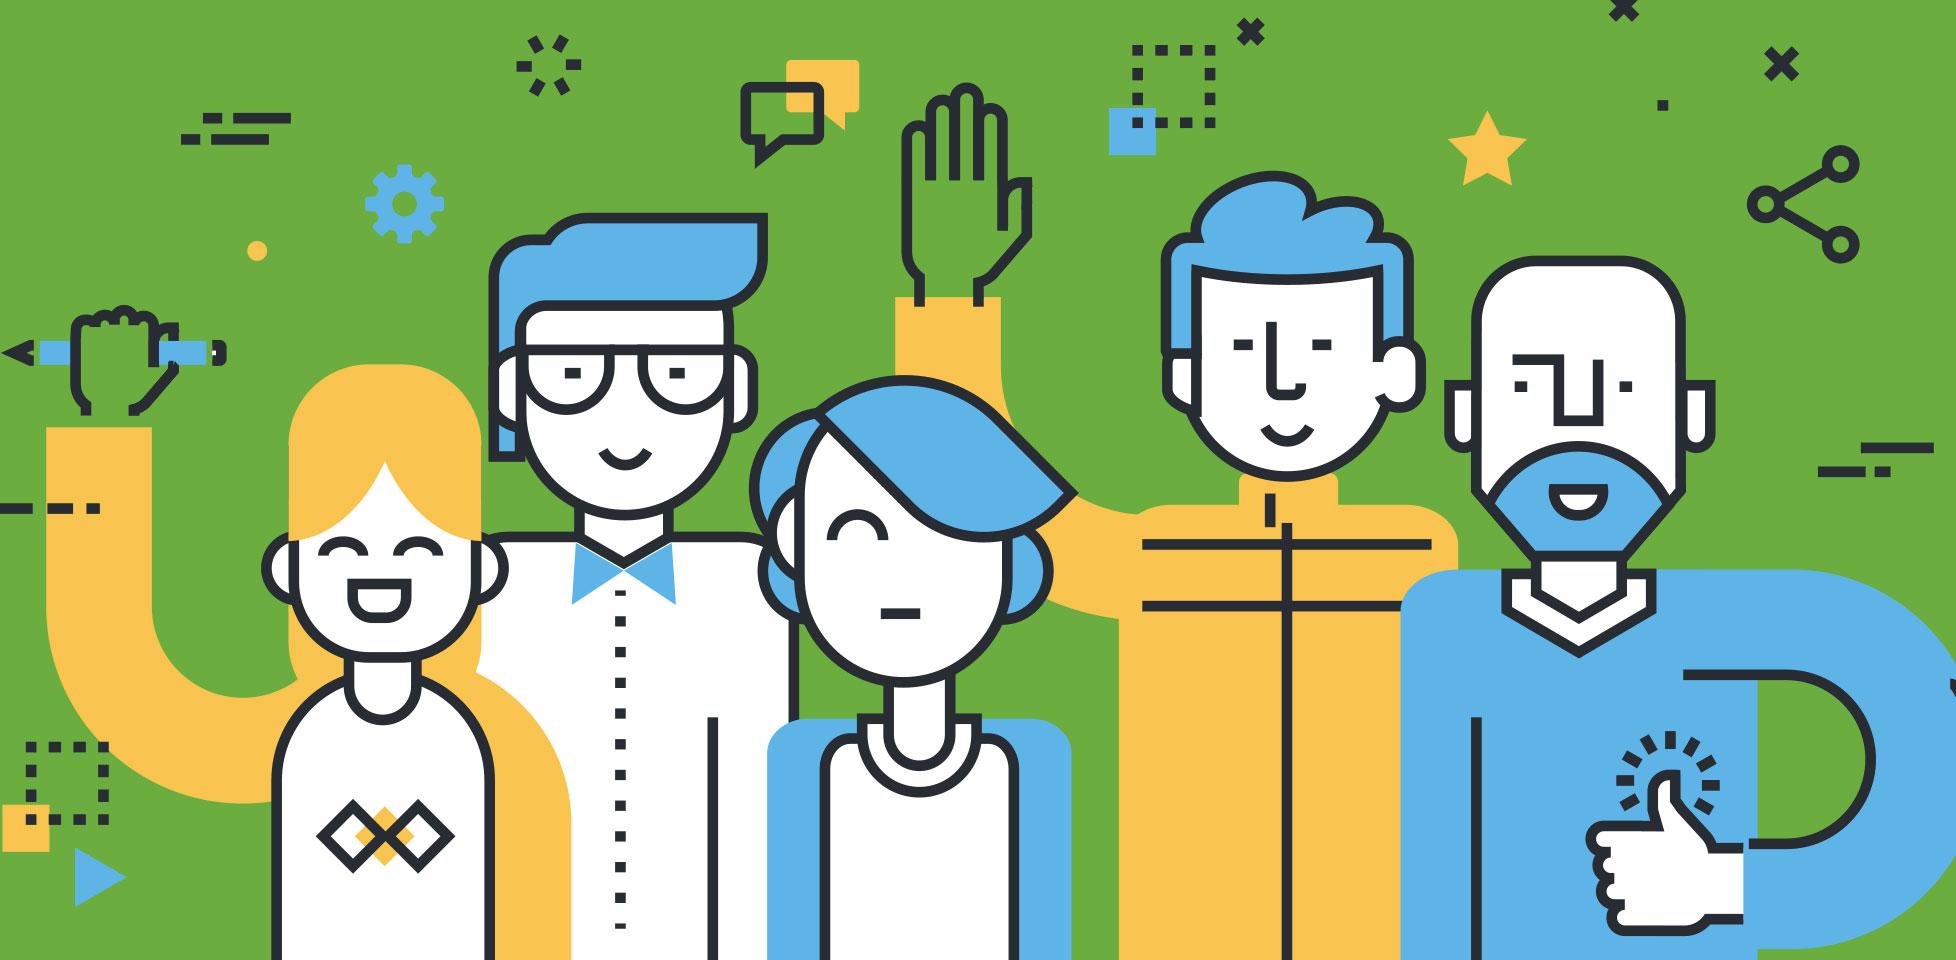 Building effective web design teams